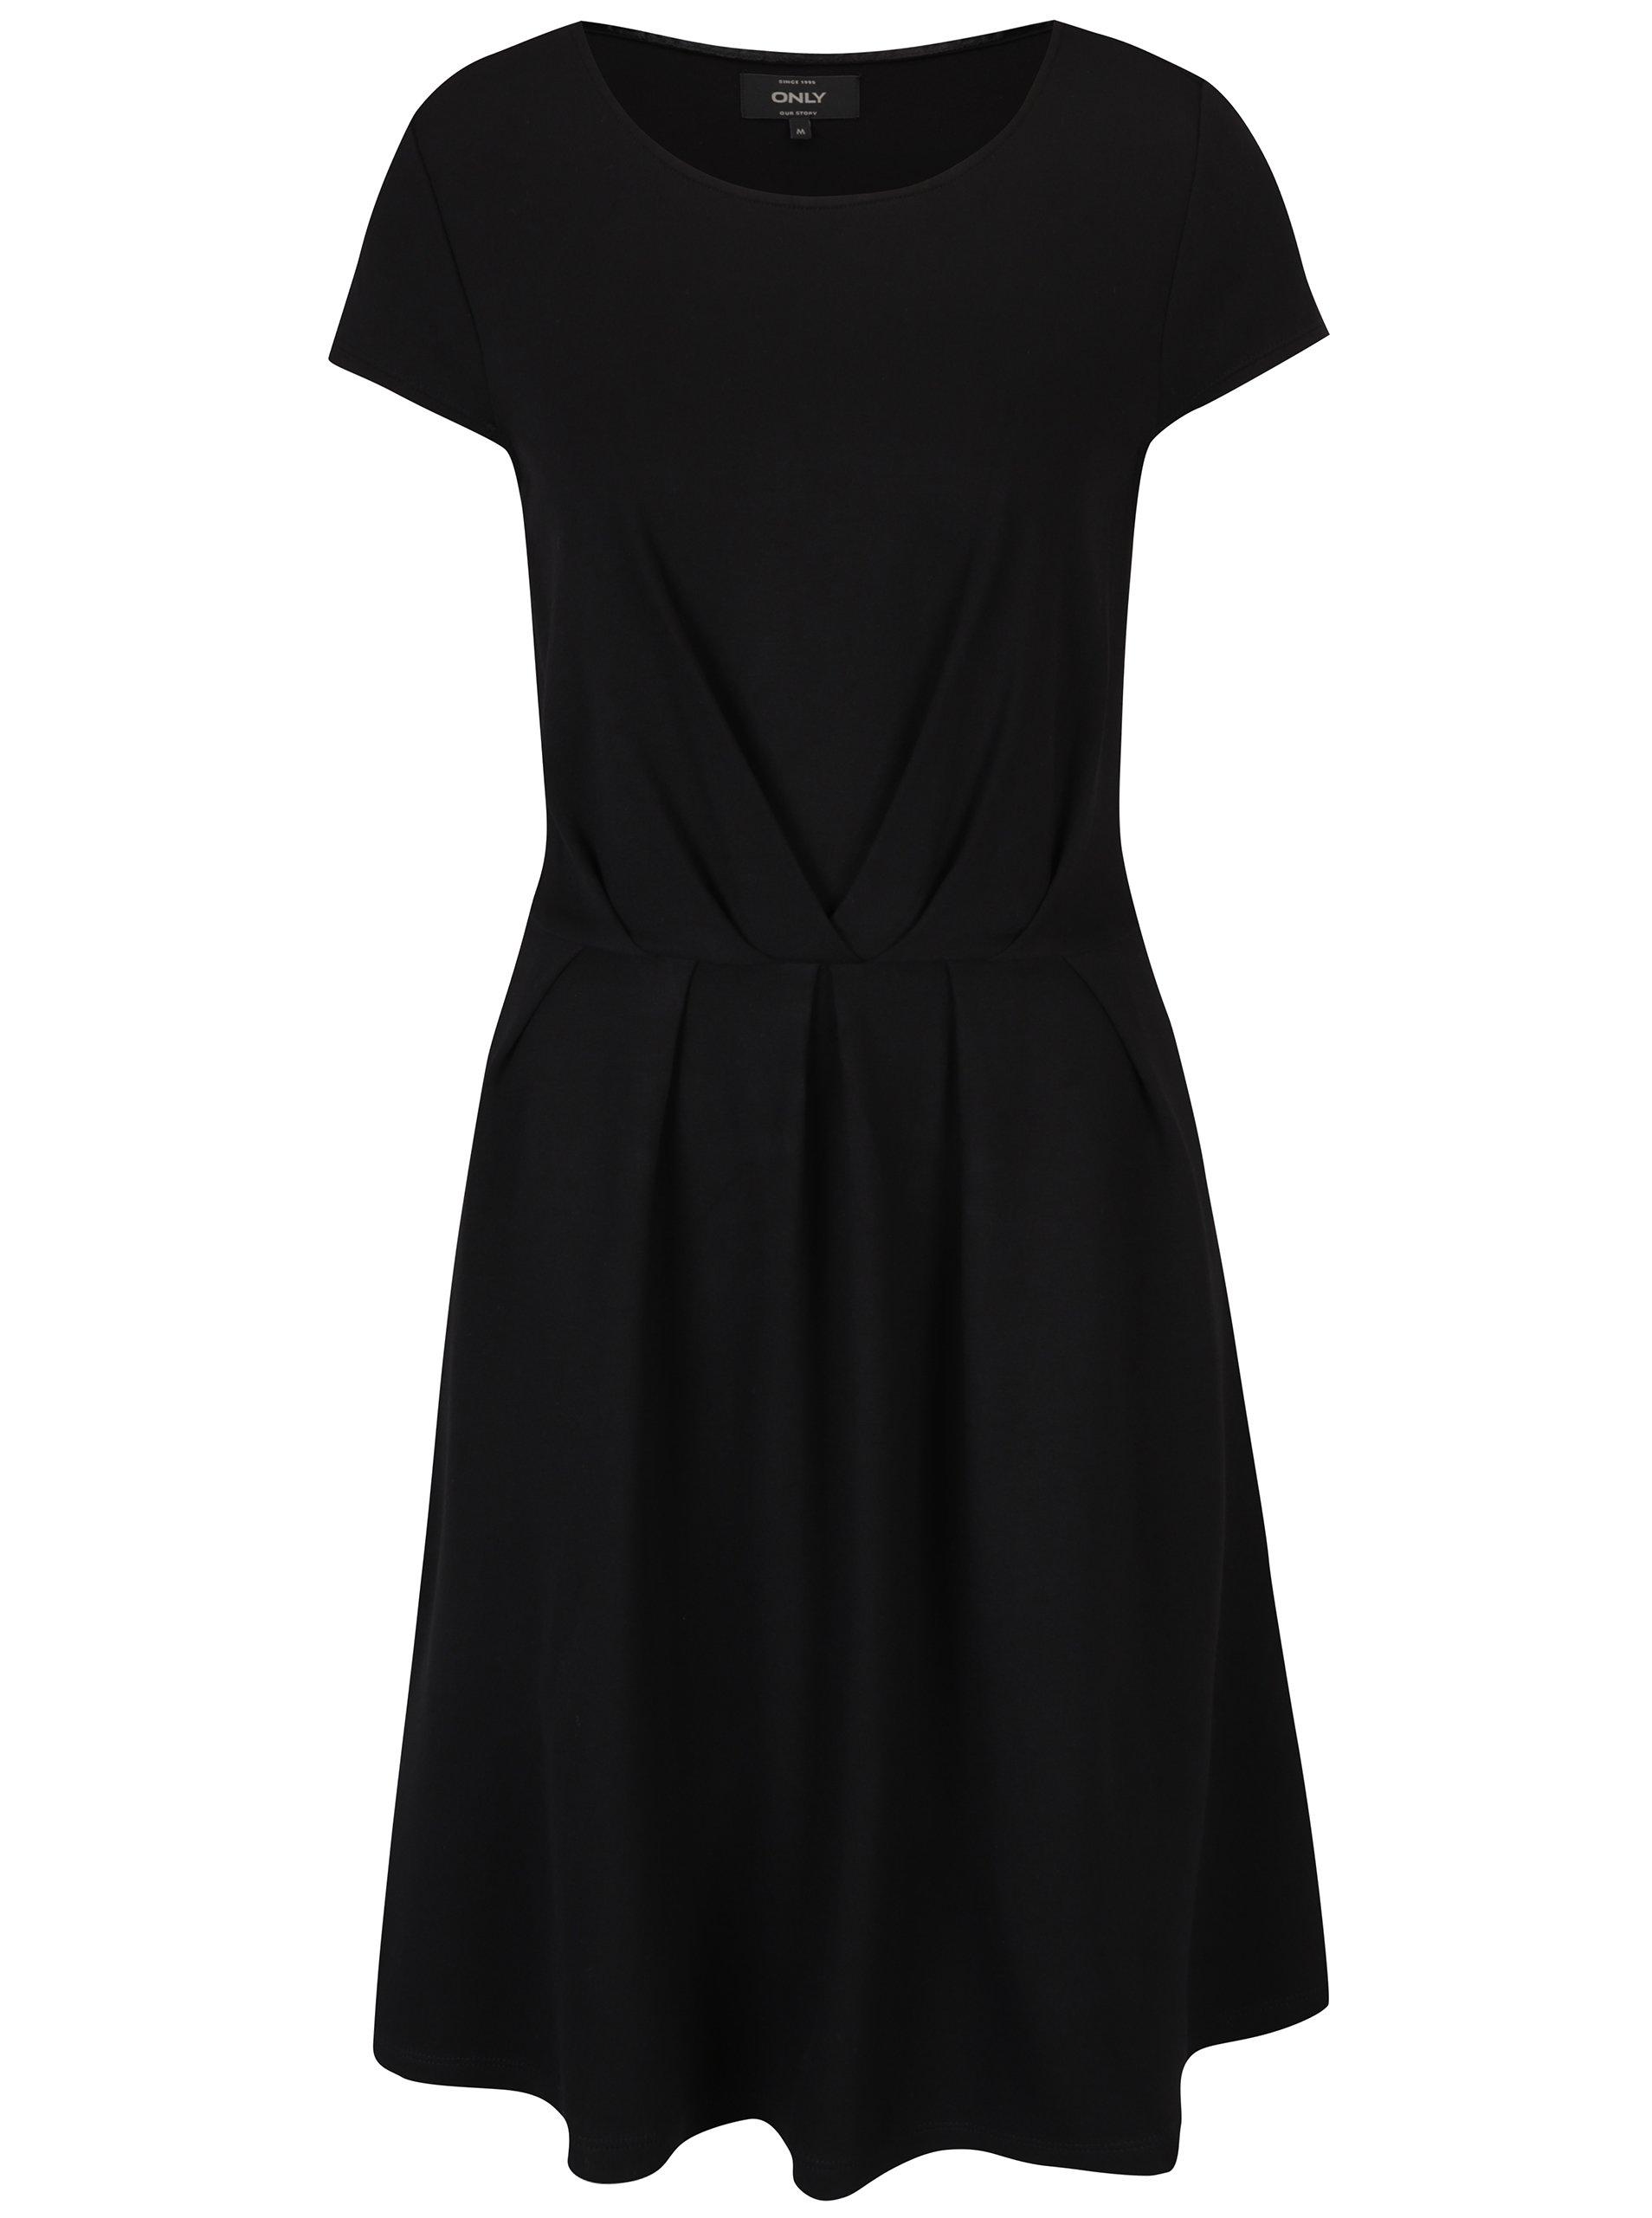 Černé áčkové šaty s krátkým rukávem ONLY Stine